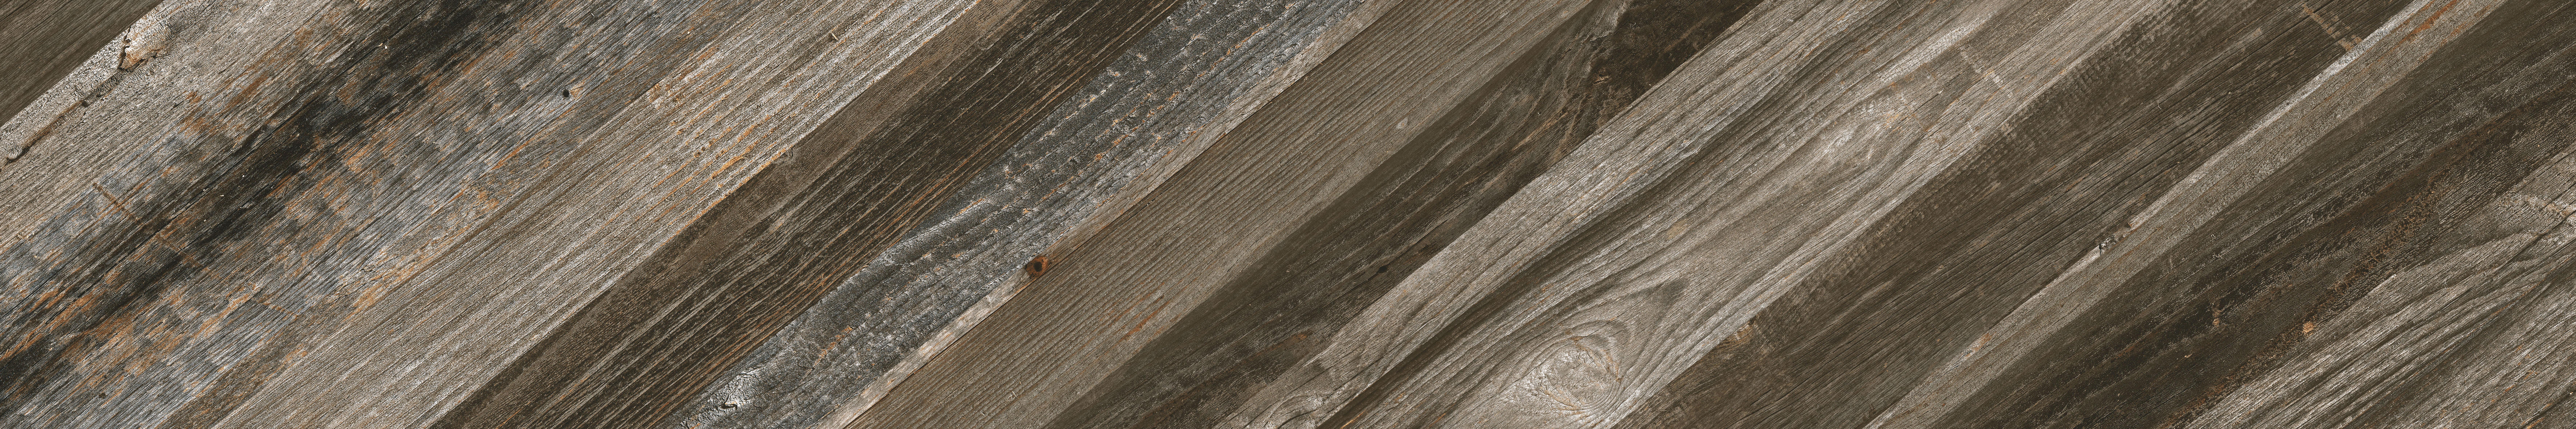 0591260, Artwood, Ruskea, lattia,pakkasenkesto,liukastumisenesto